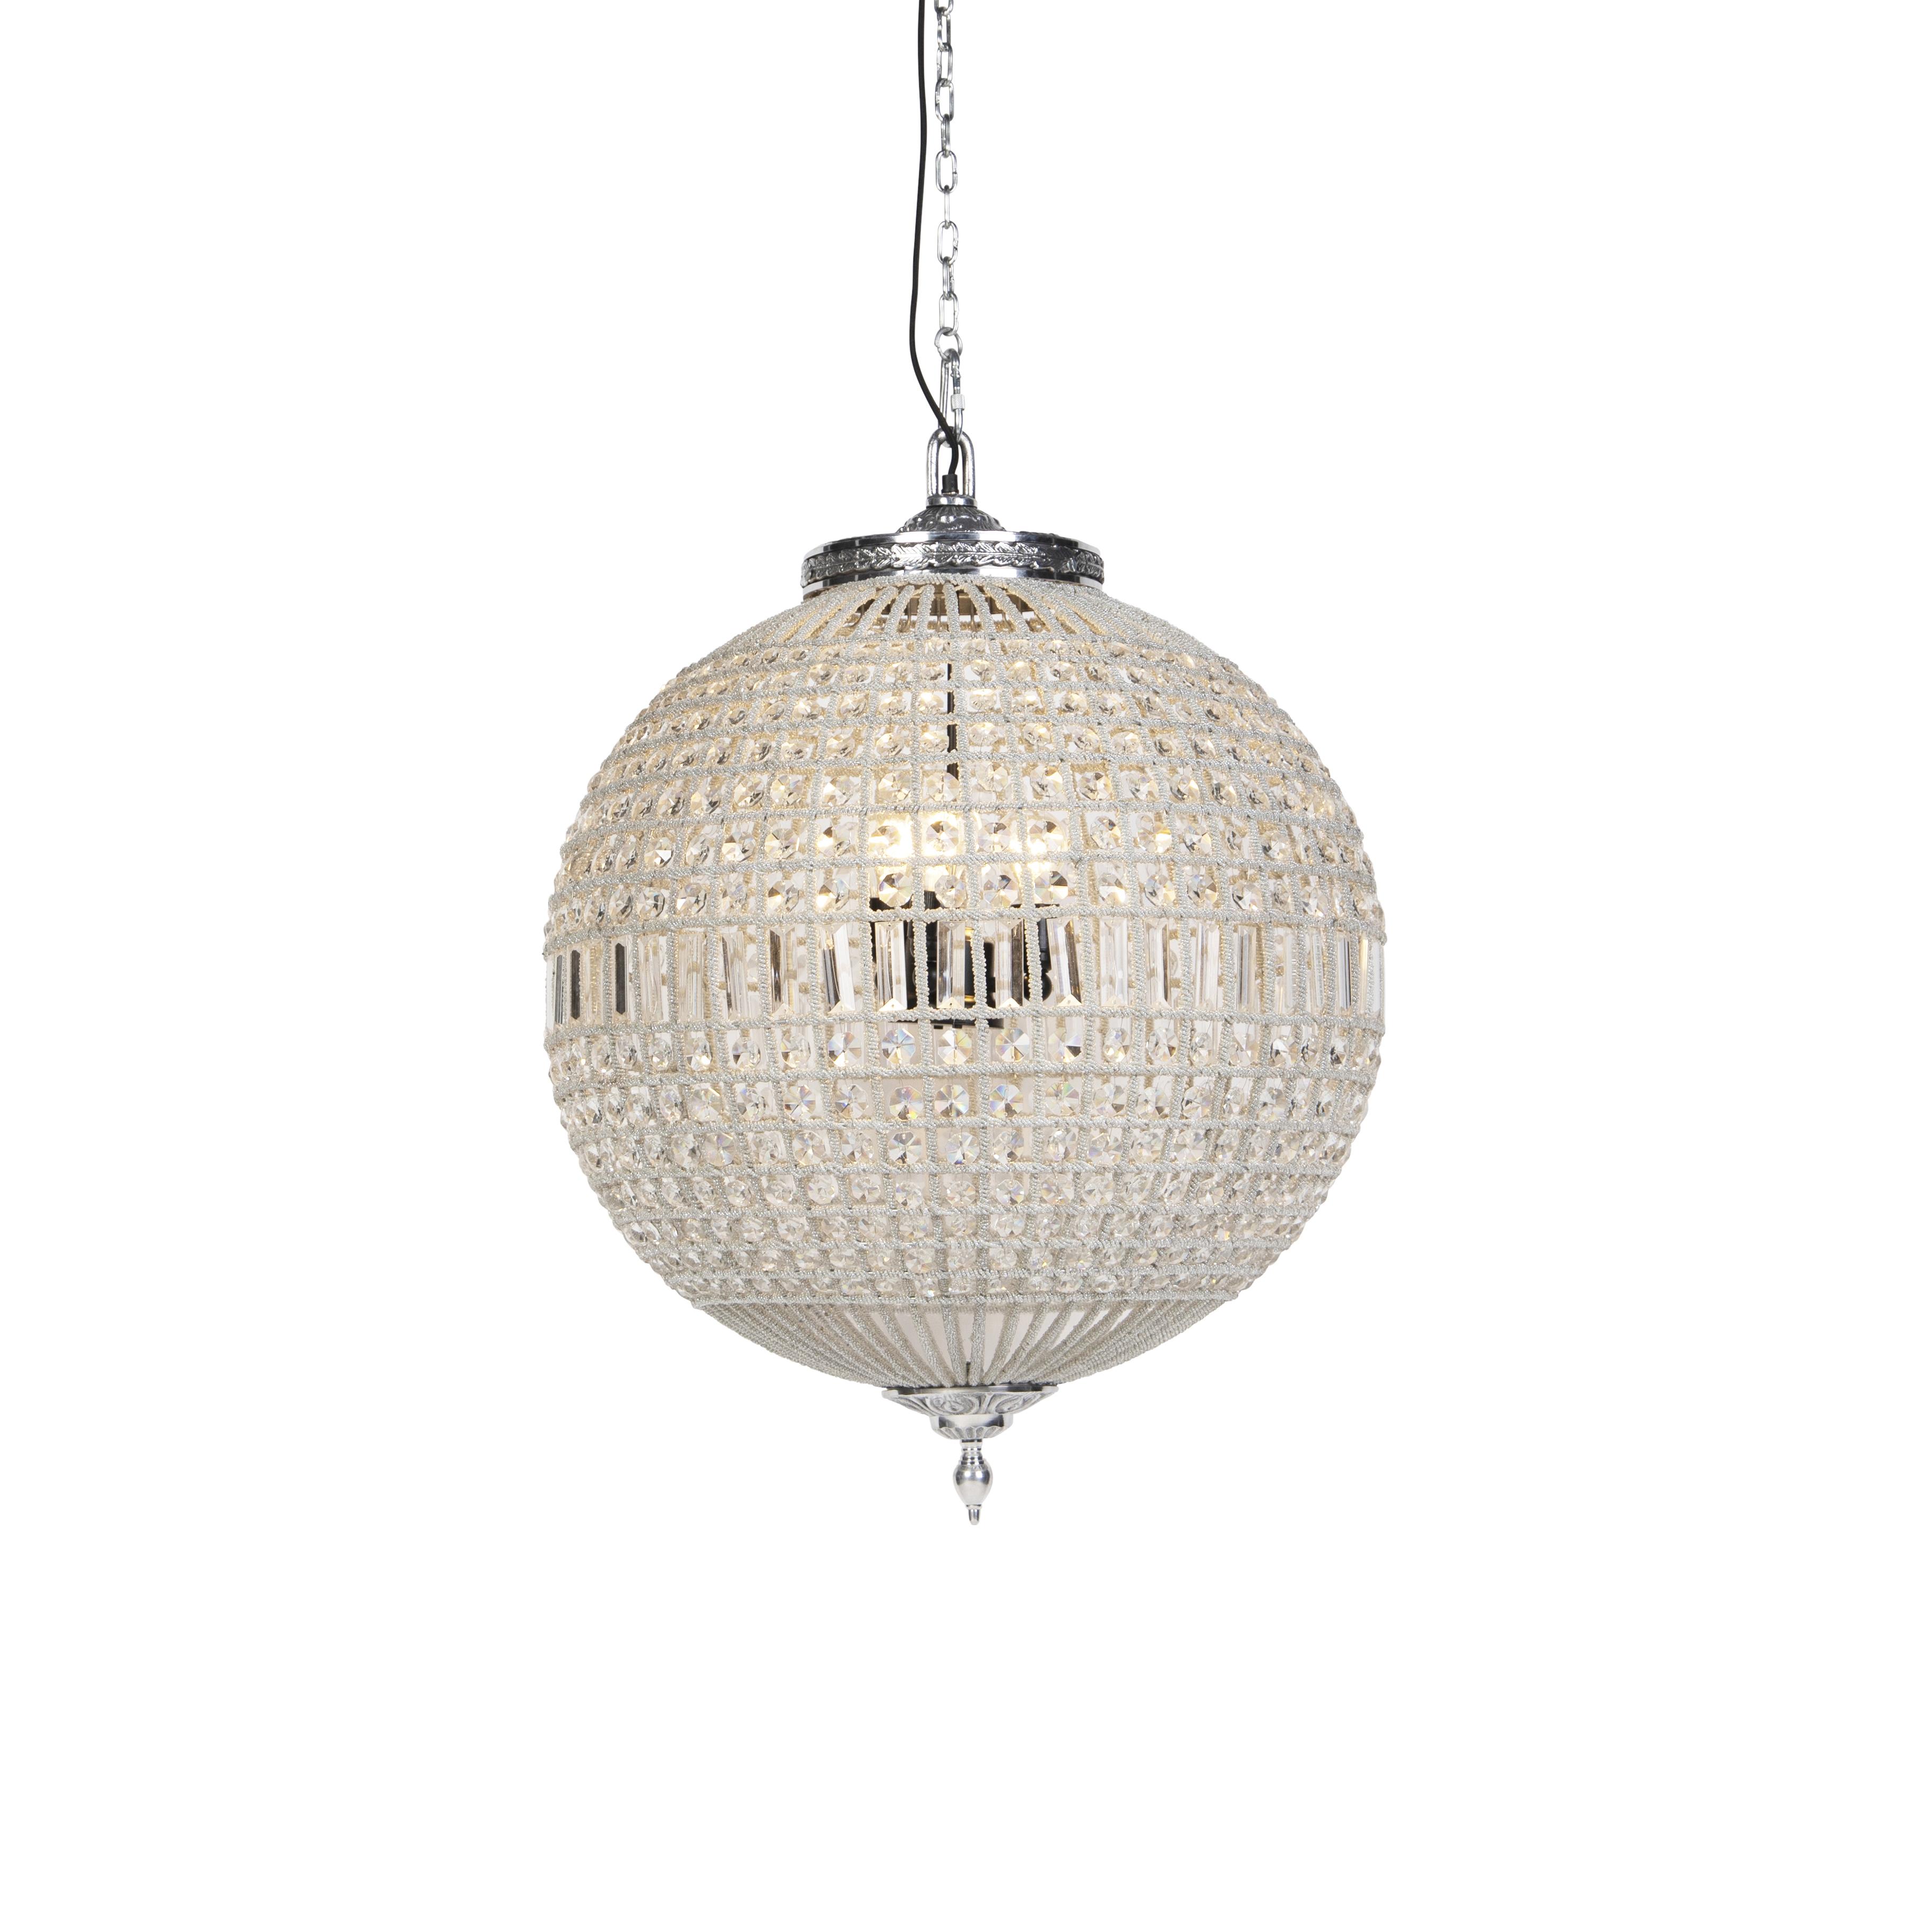 Art Deco hanglamp kristal 65cm zilver - Kasbah